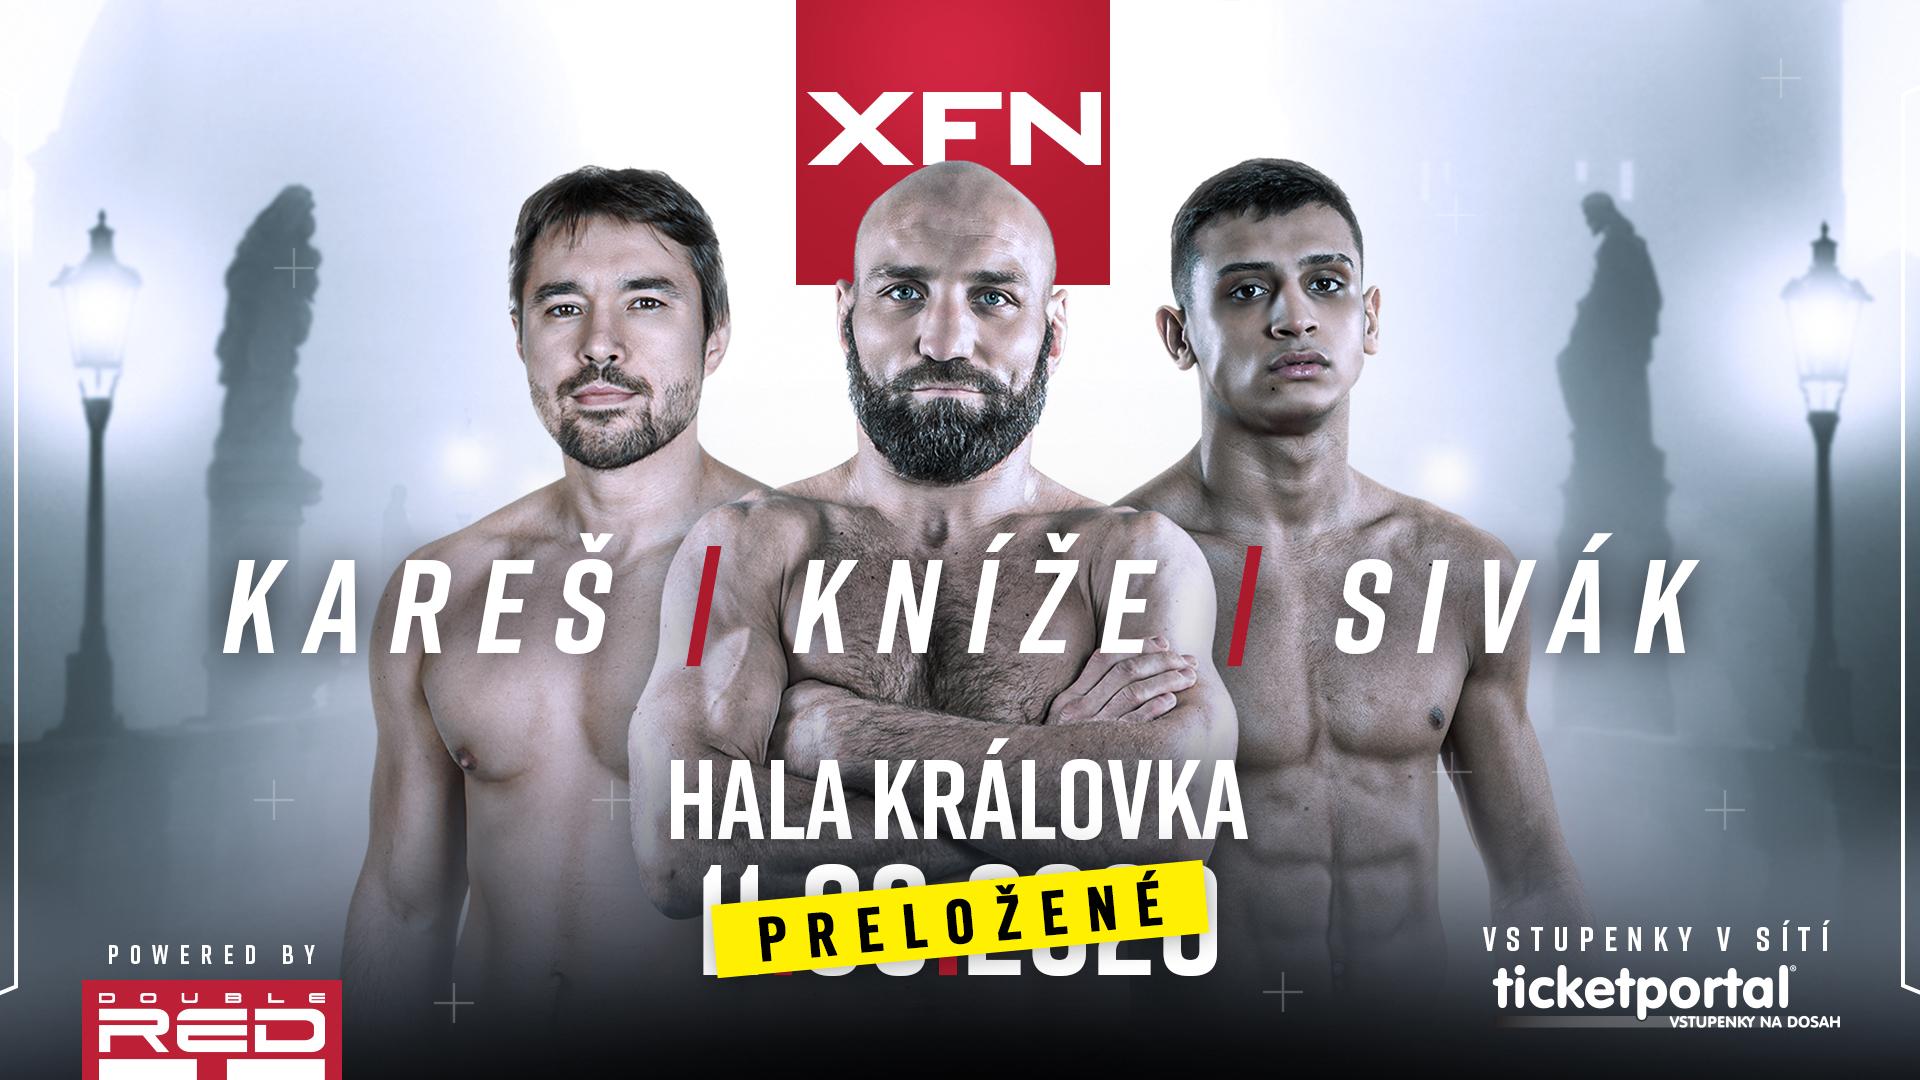 XFN: Never Give Up – 3.4. 2020, hala Královka, Praha